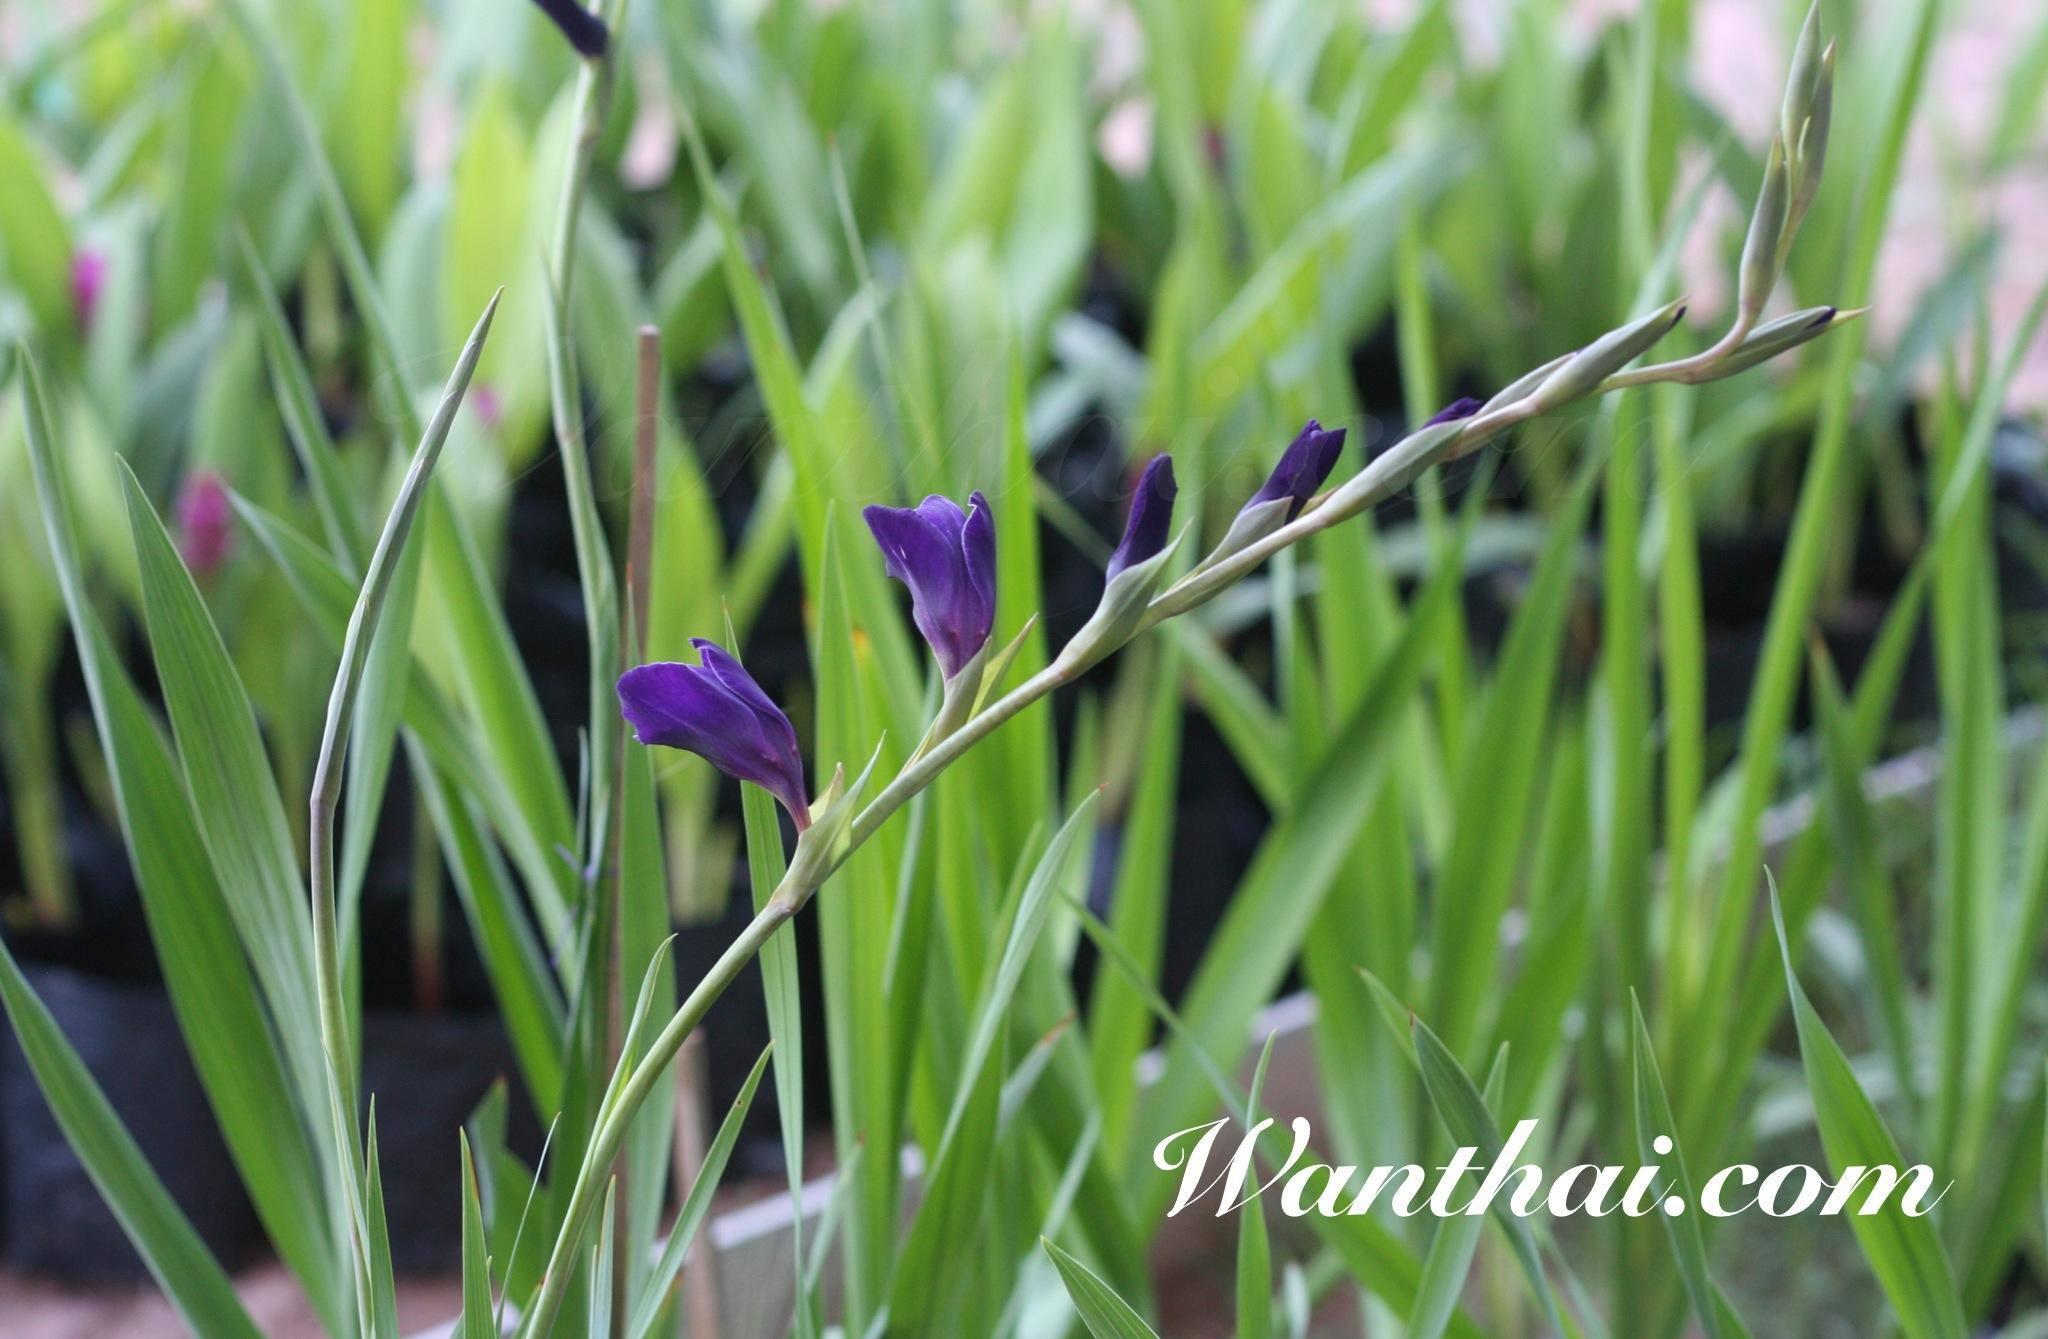 wt-gladilus-purple-03-jpg